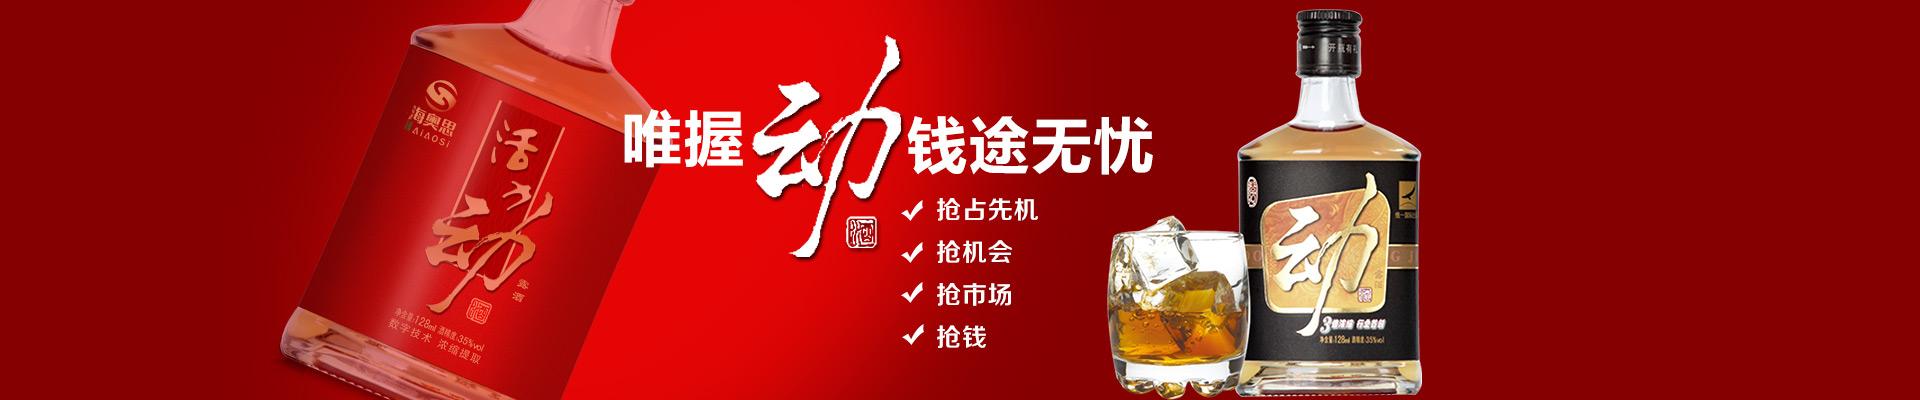 山东海奥思酒业有限公司